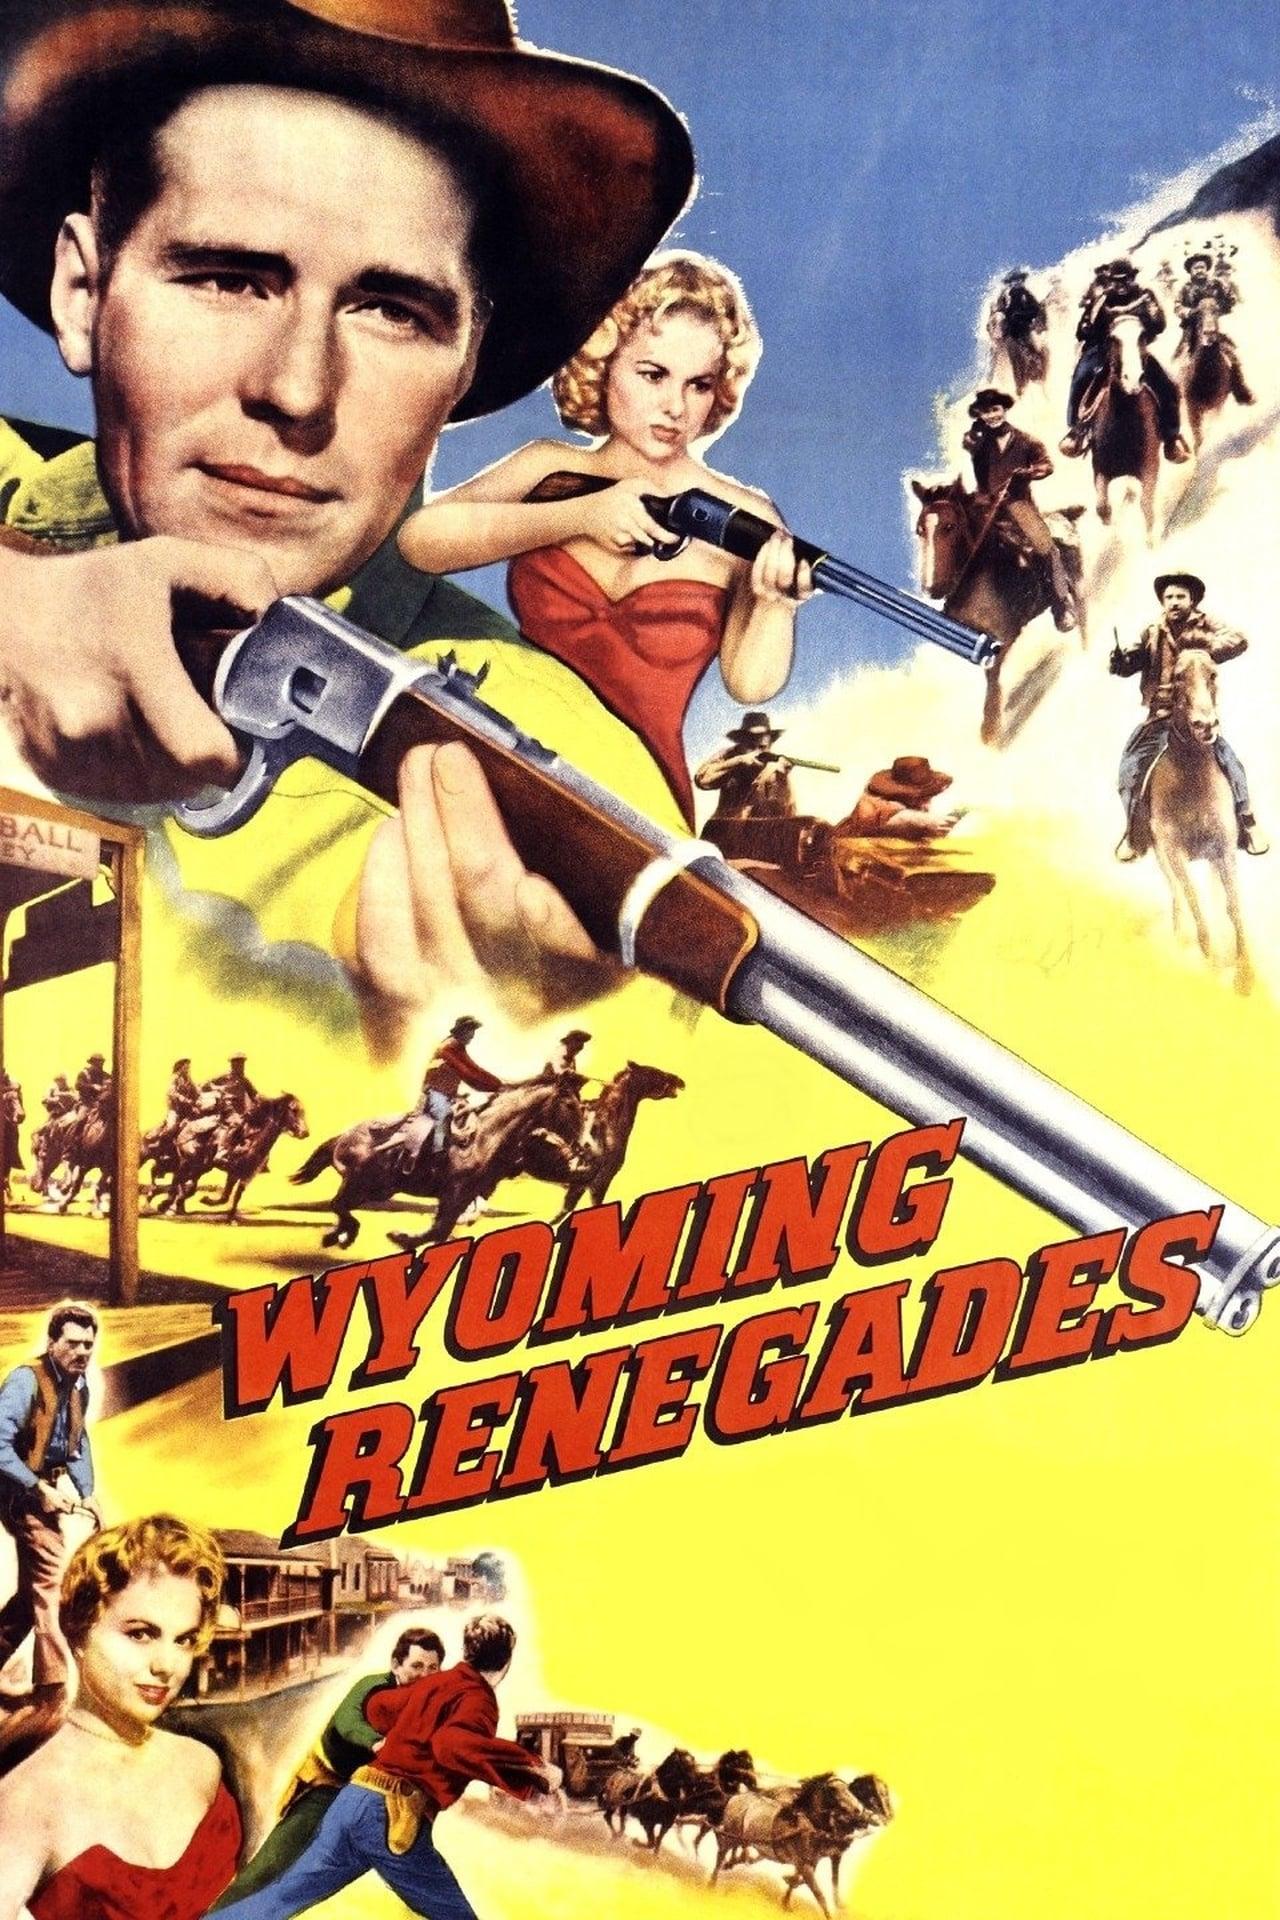 Wyoming Renegades